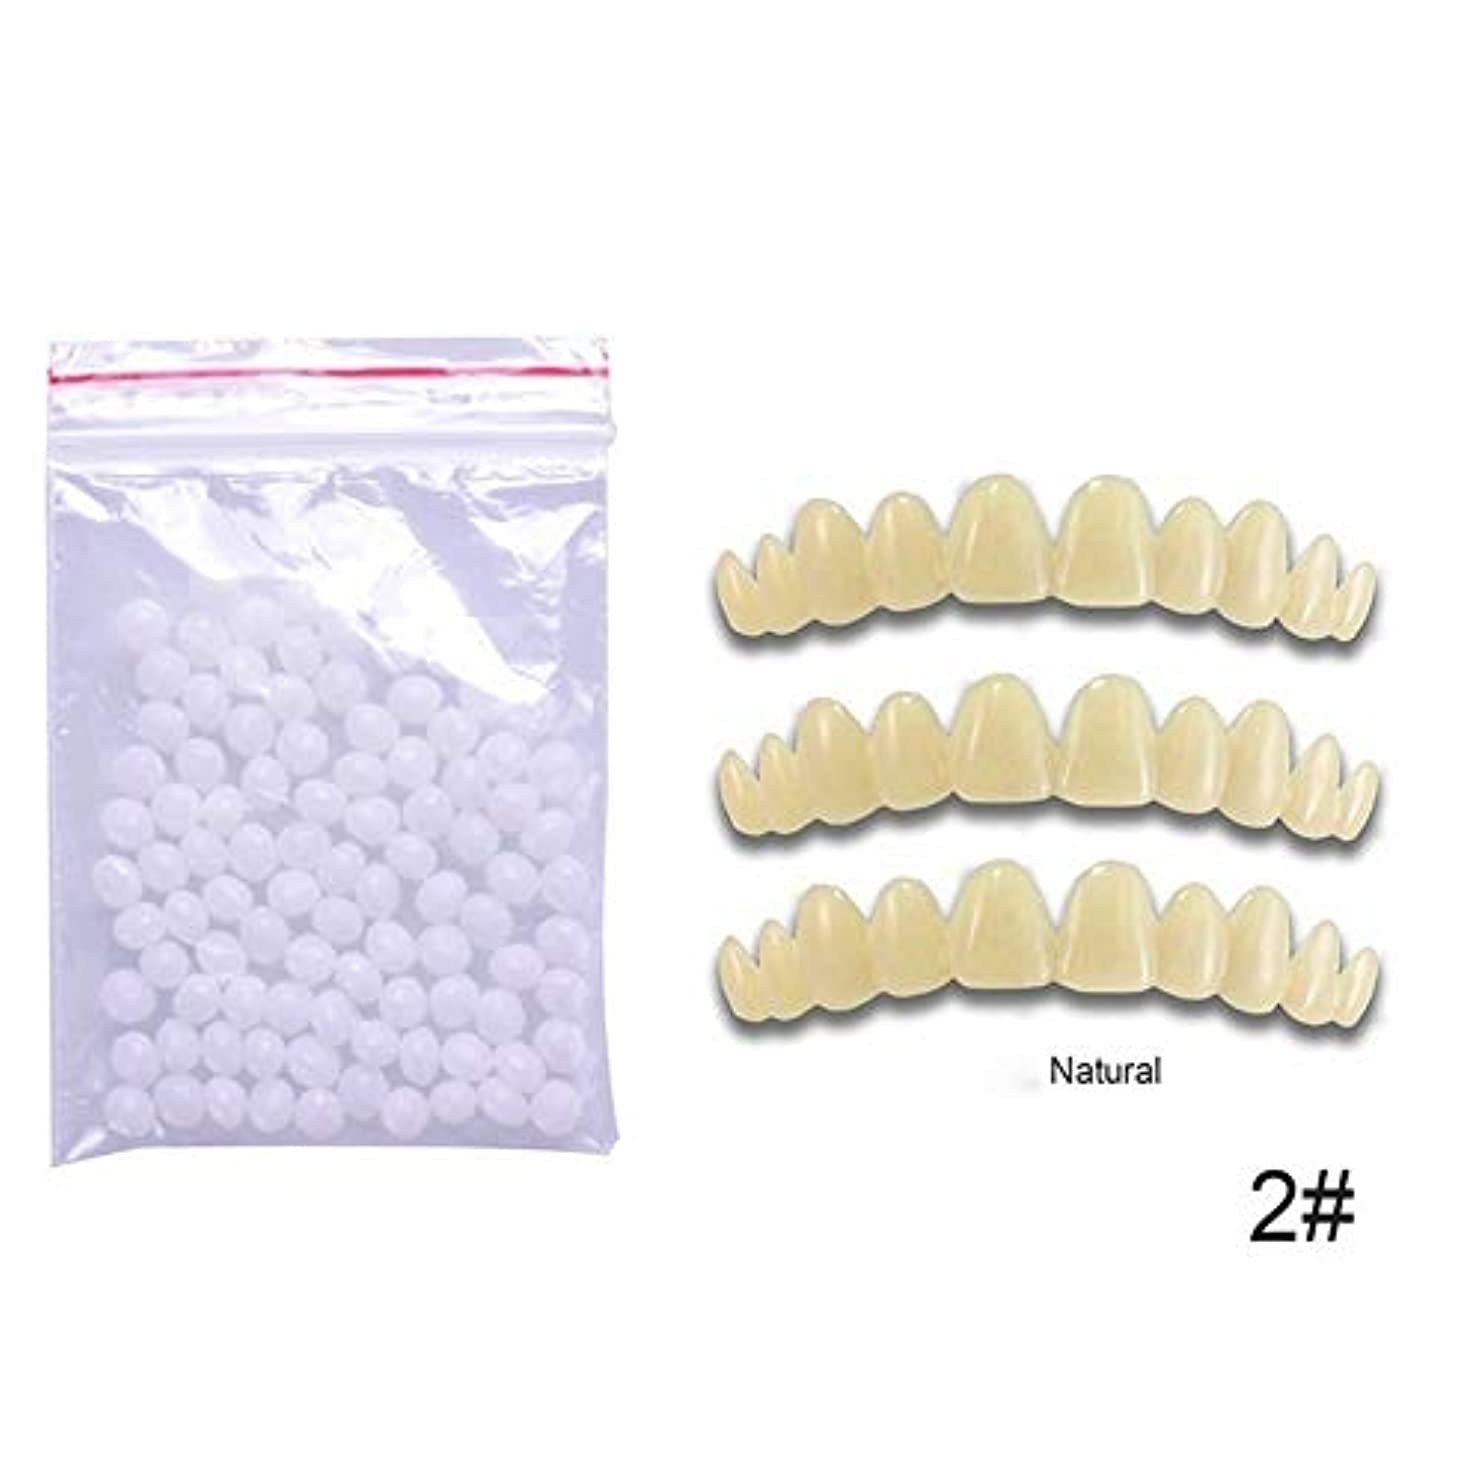 実験移動する船尾5一時的な歯の色合い1pcs 切断可能な義歯セット含まれています1バッグビーズ交換のためのパーフェクトスマイルナチュラルホワイトダーク,Natural5PCS